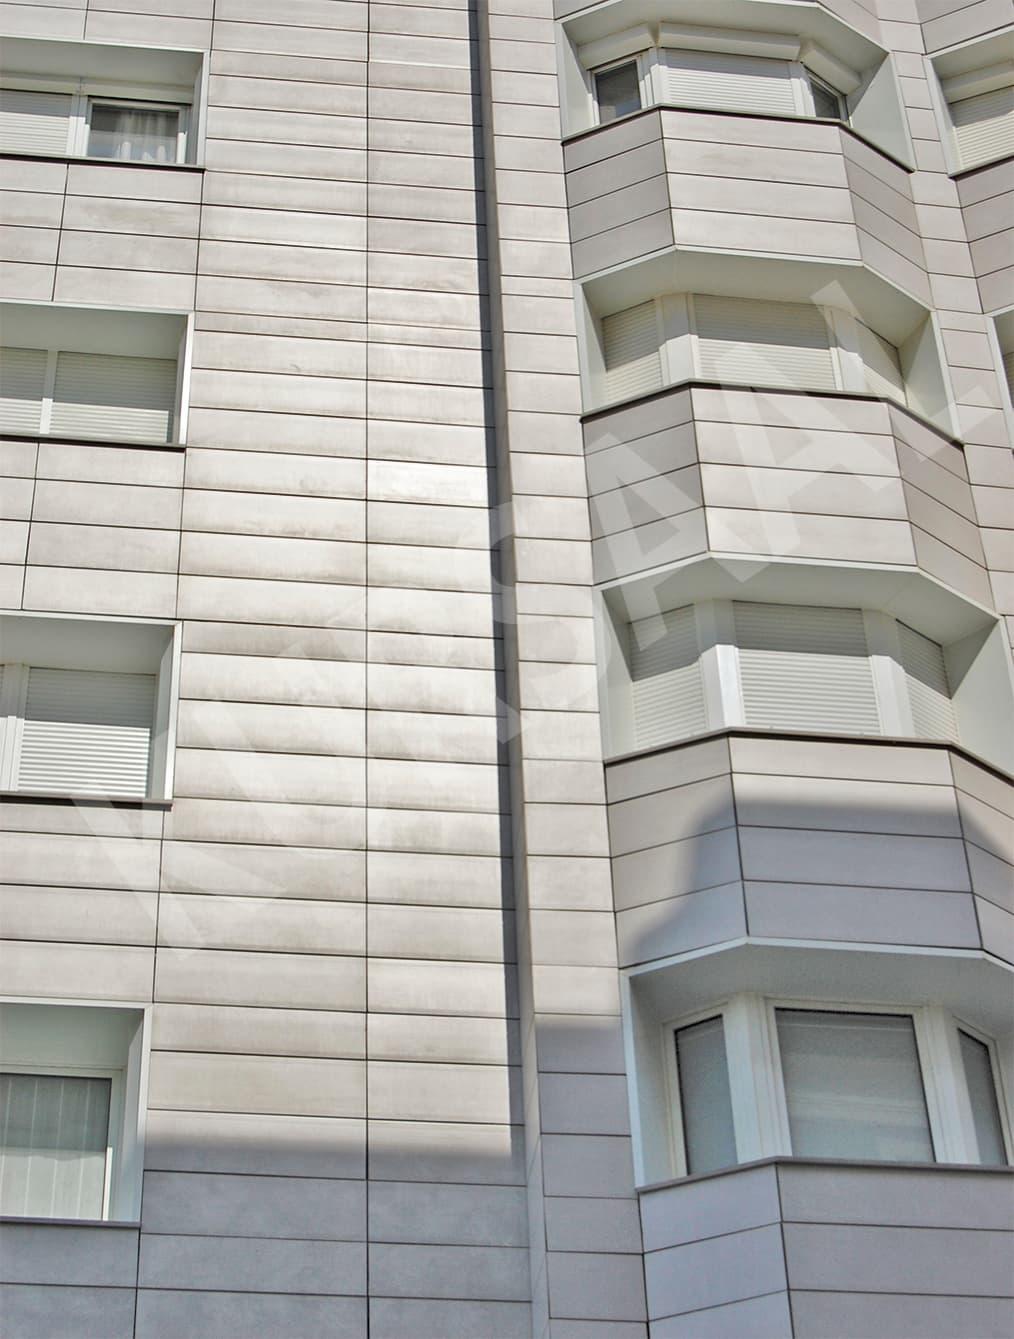 foto 13 - Aislamientos Térmicos y Eficiencia Energética-Zurriola, 44-DONOSTIA, GIPUZKOA